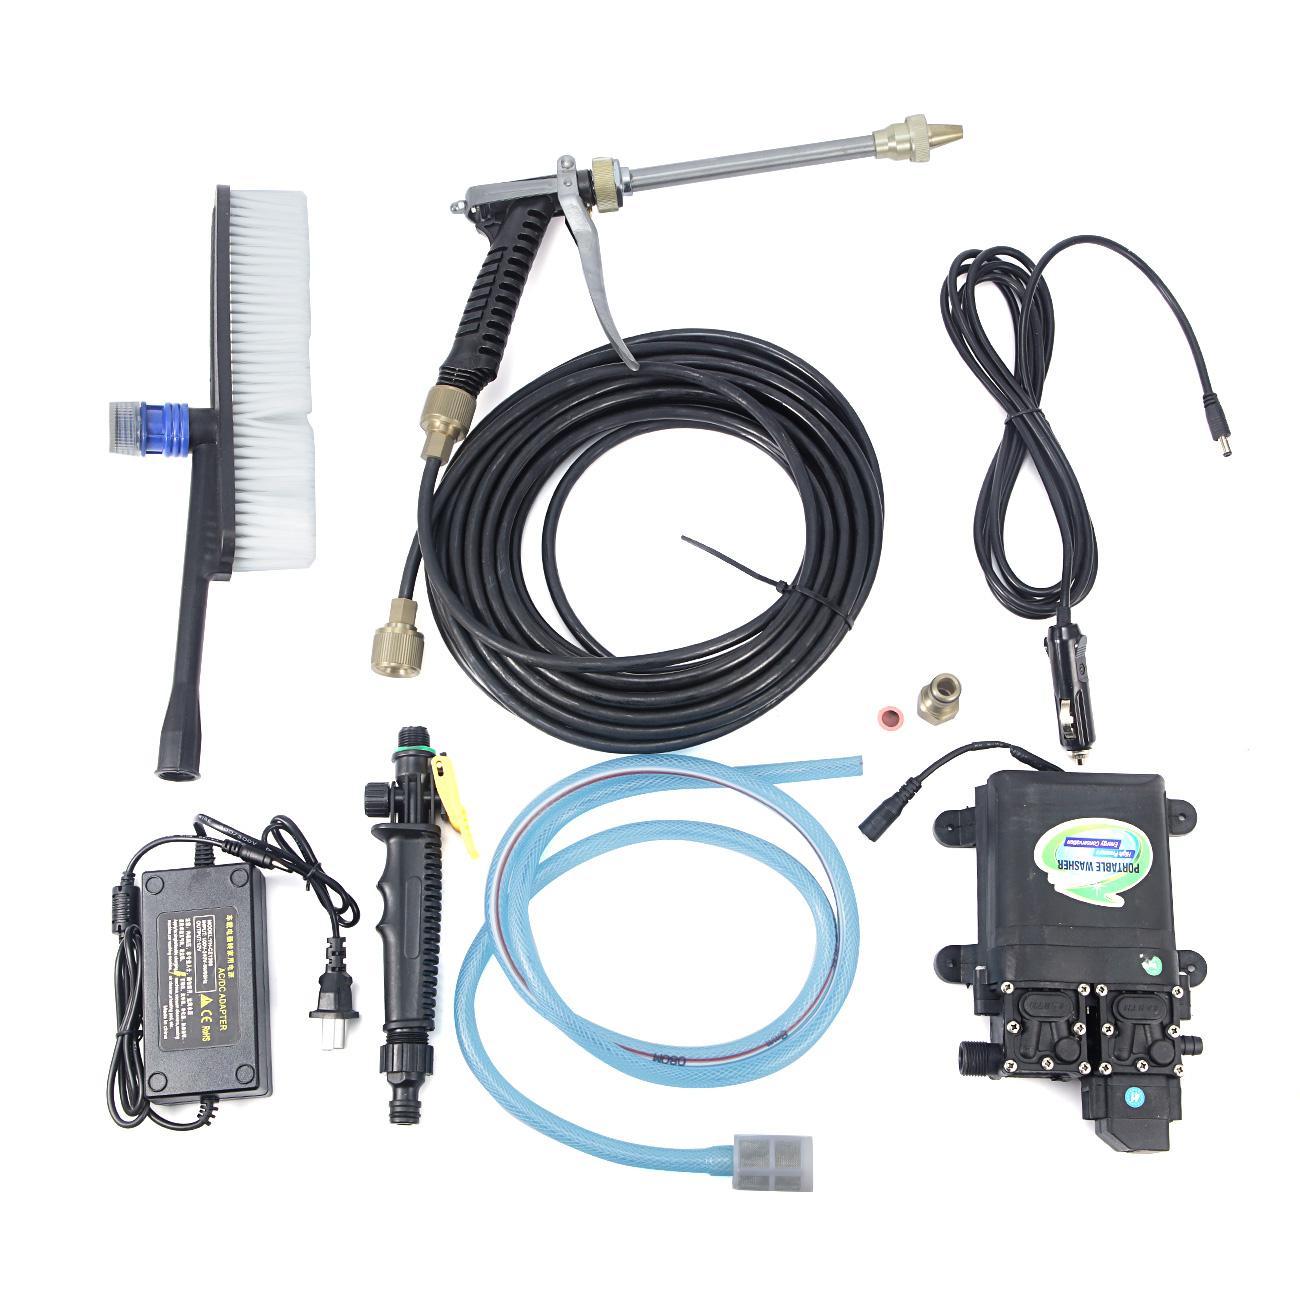 220 В автомойка пистолет насос высокого давления очиститель уход стиральная машина электрическая Чистка Автомойка техническое обслуживани